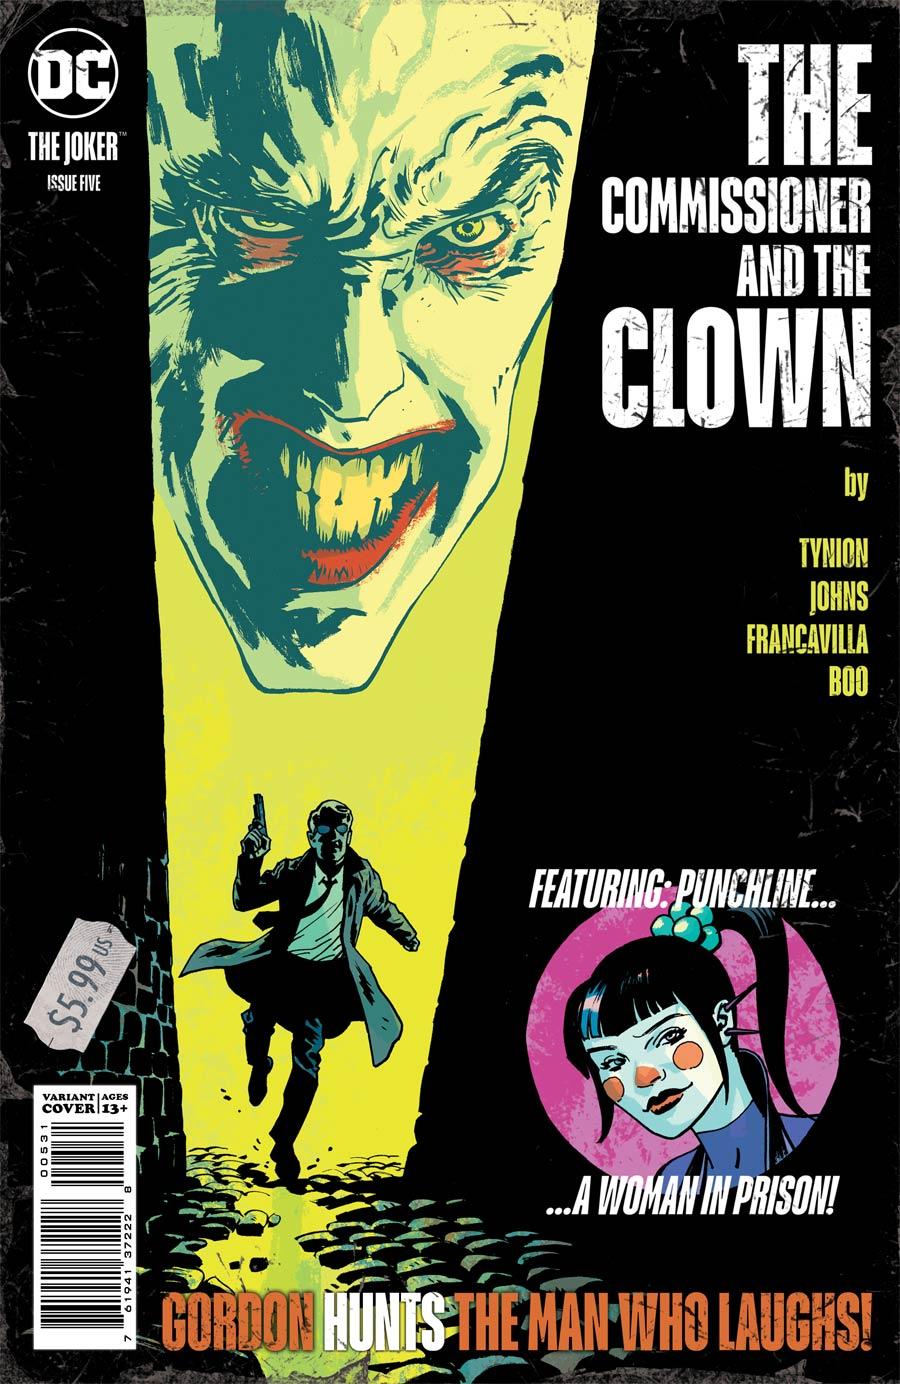 Joker Vol 2 #5 Cover C Variant Sean Phillips Cover